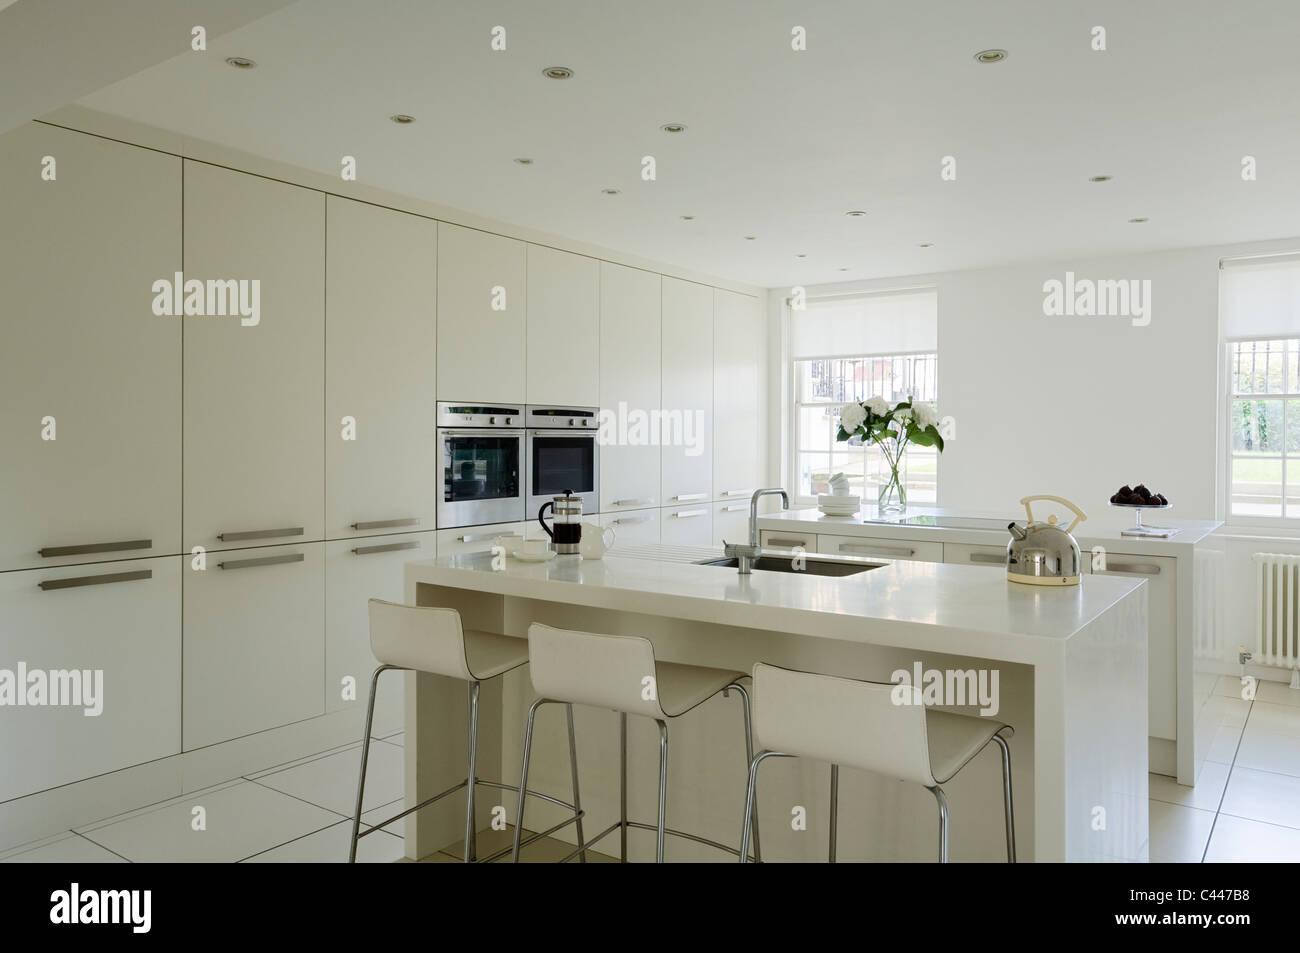 Weiße Moderne Küche Mit Corian Arbeitsplatten, Barhockern Und Einbauschränke